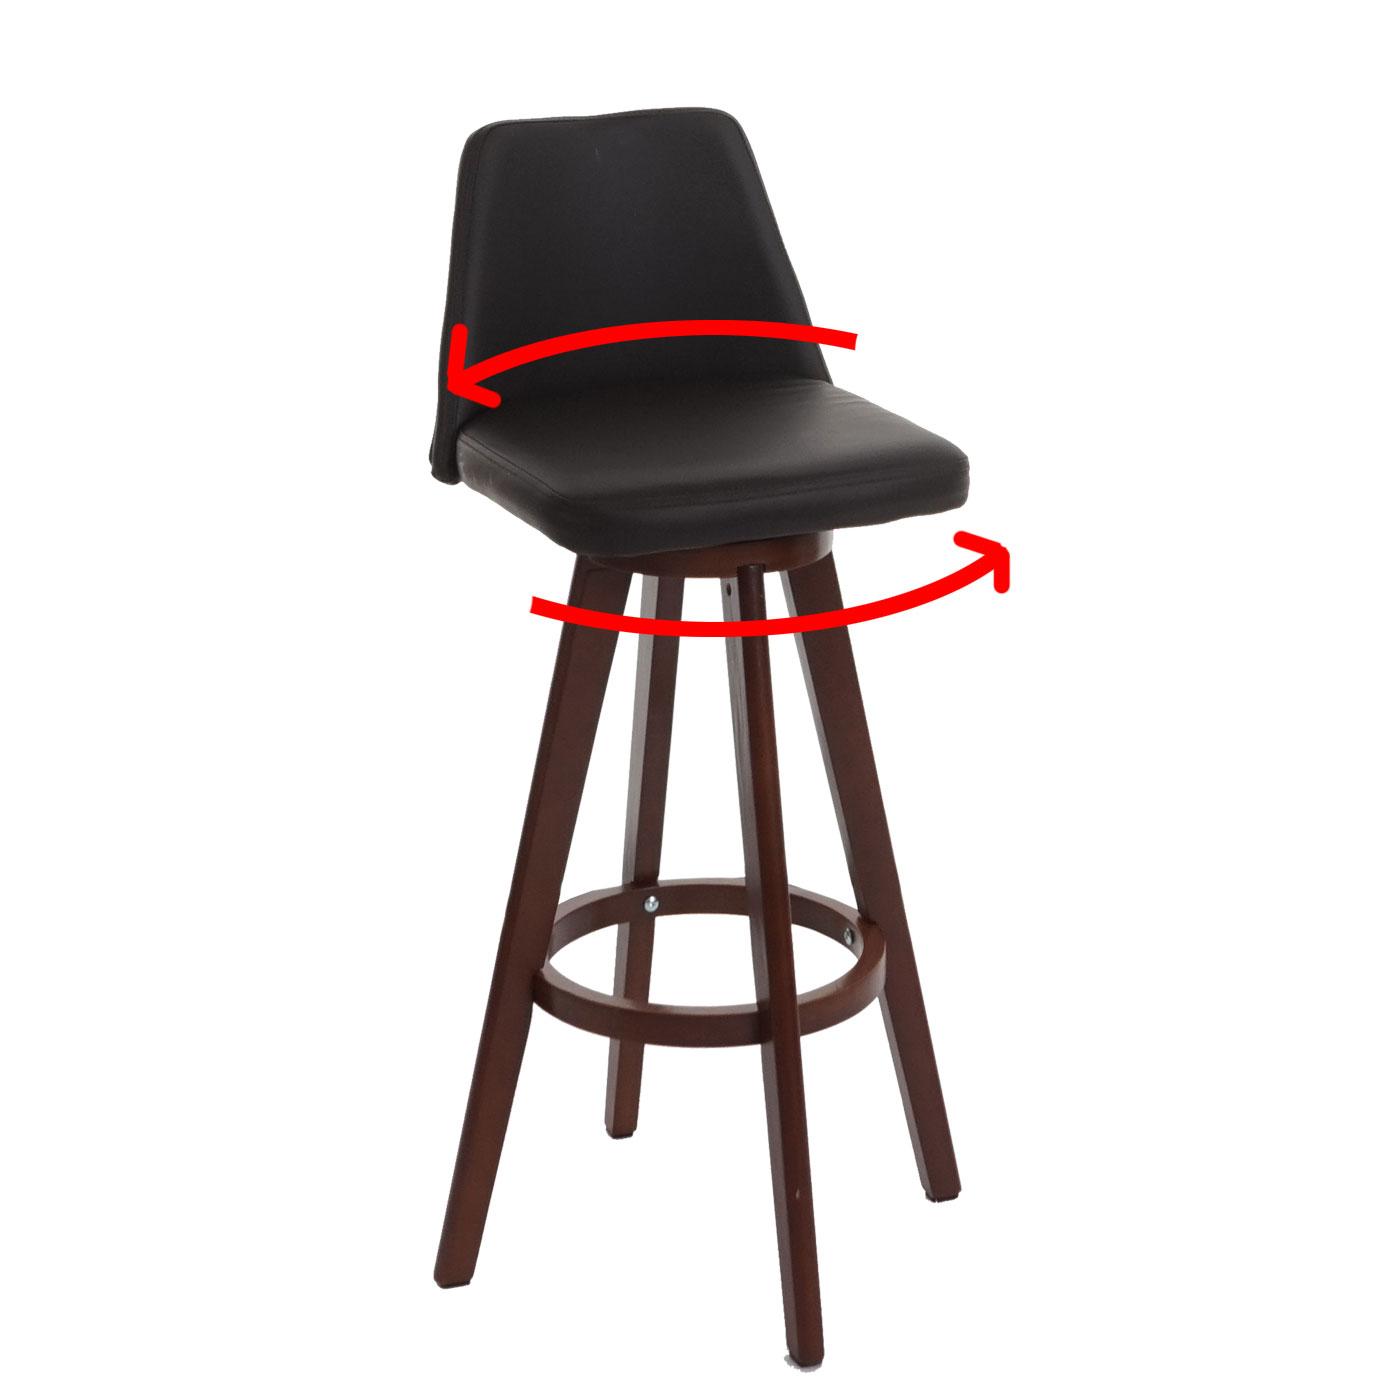 barhocker boras barstuhl tresenhocker holz kunstleder. Black Bedroom Furniture Sets. Home Design Ideas